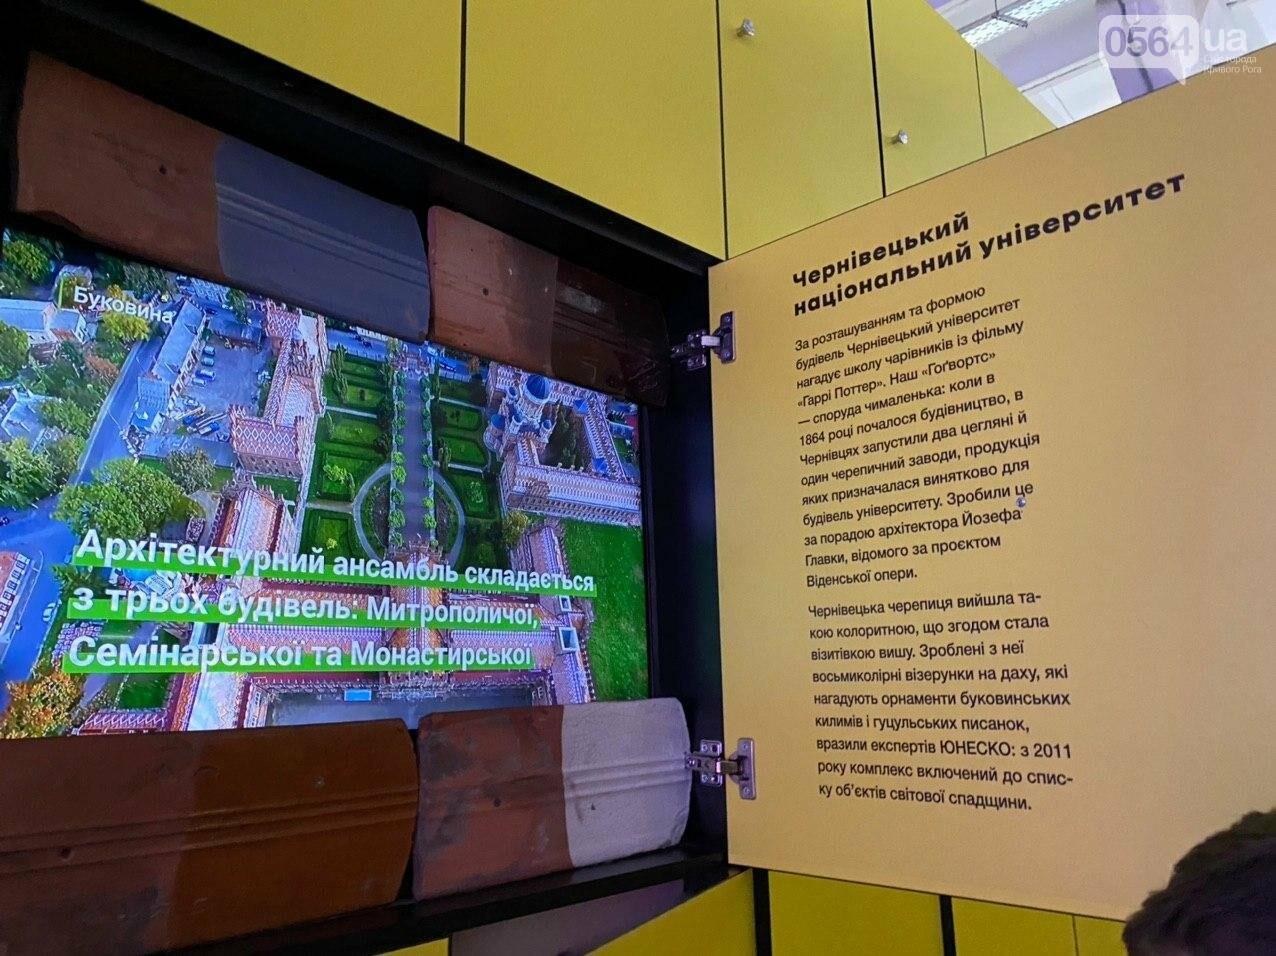 Ukraine WOW: что можно было узнать о Кривом Роге на интерактивной выставке, - ФОТО , фото-100